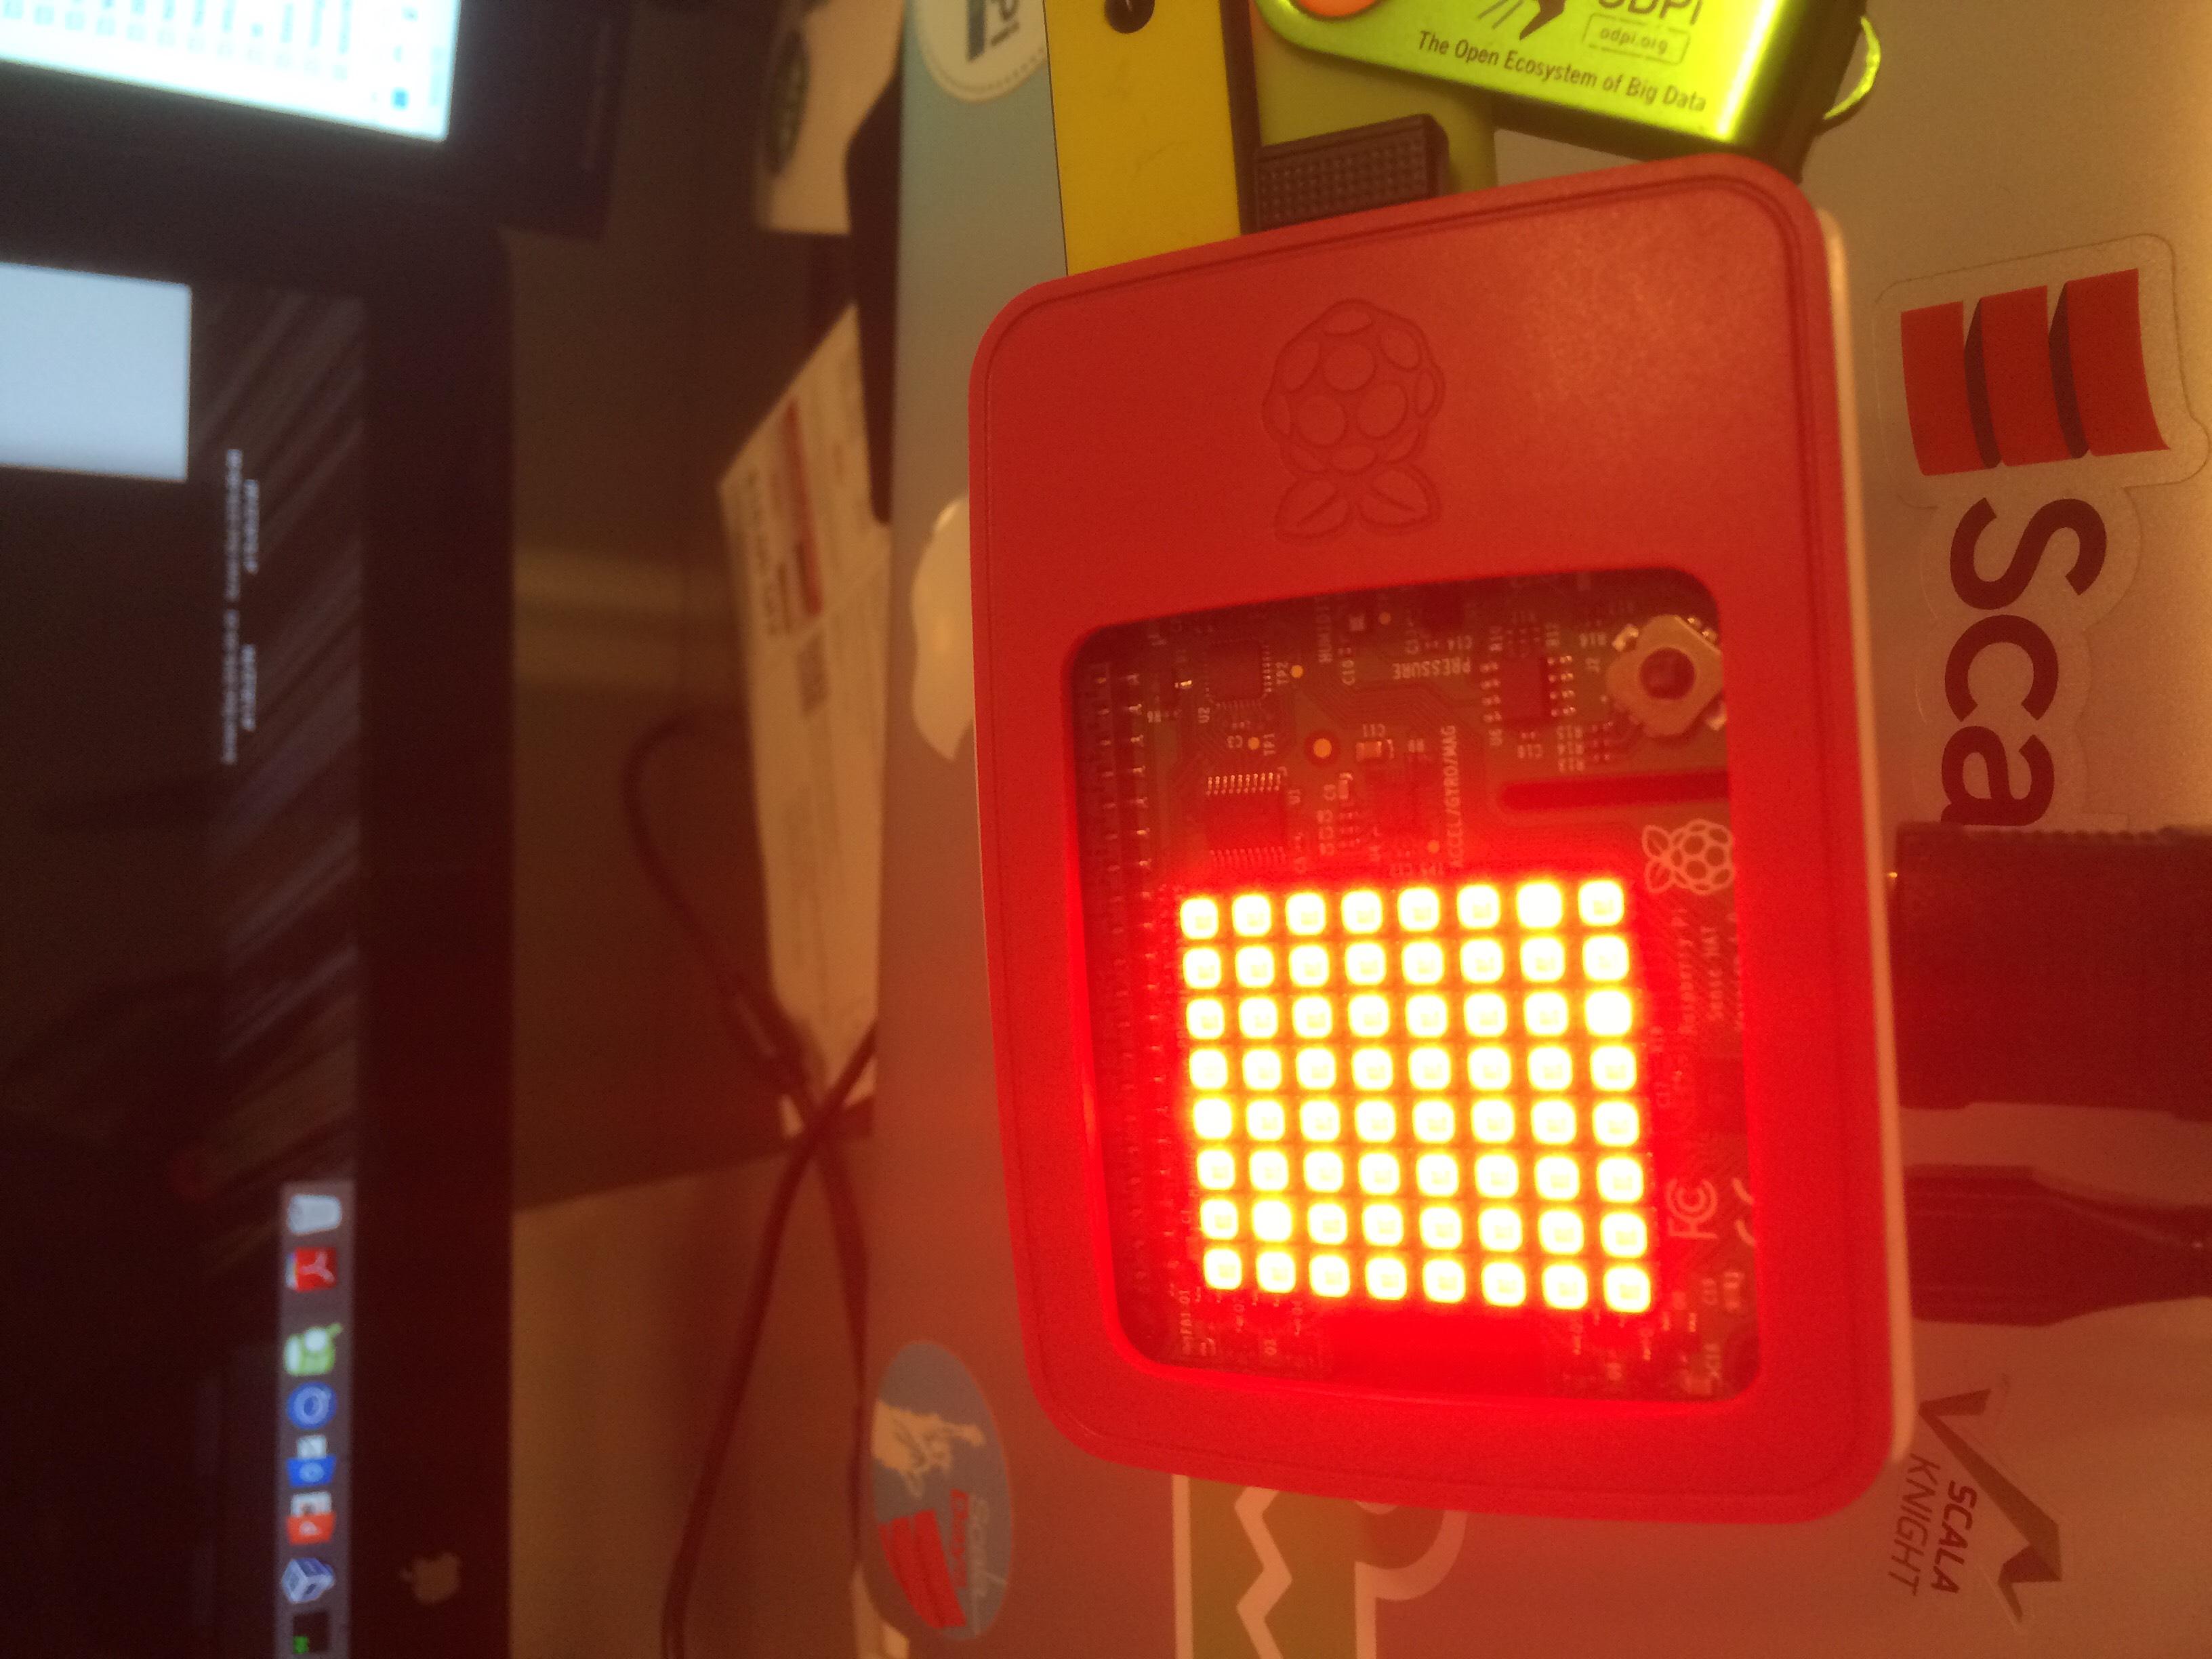 Reading Sensor Data from Remote Sensors on Raspber